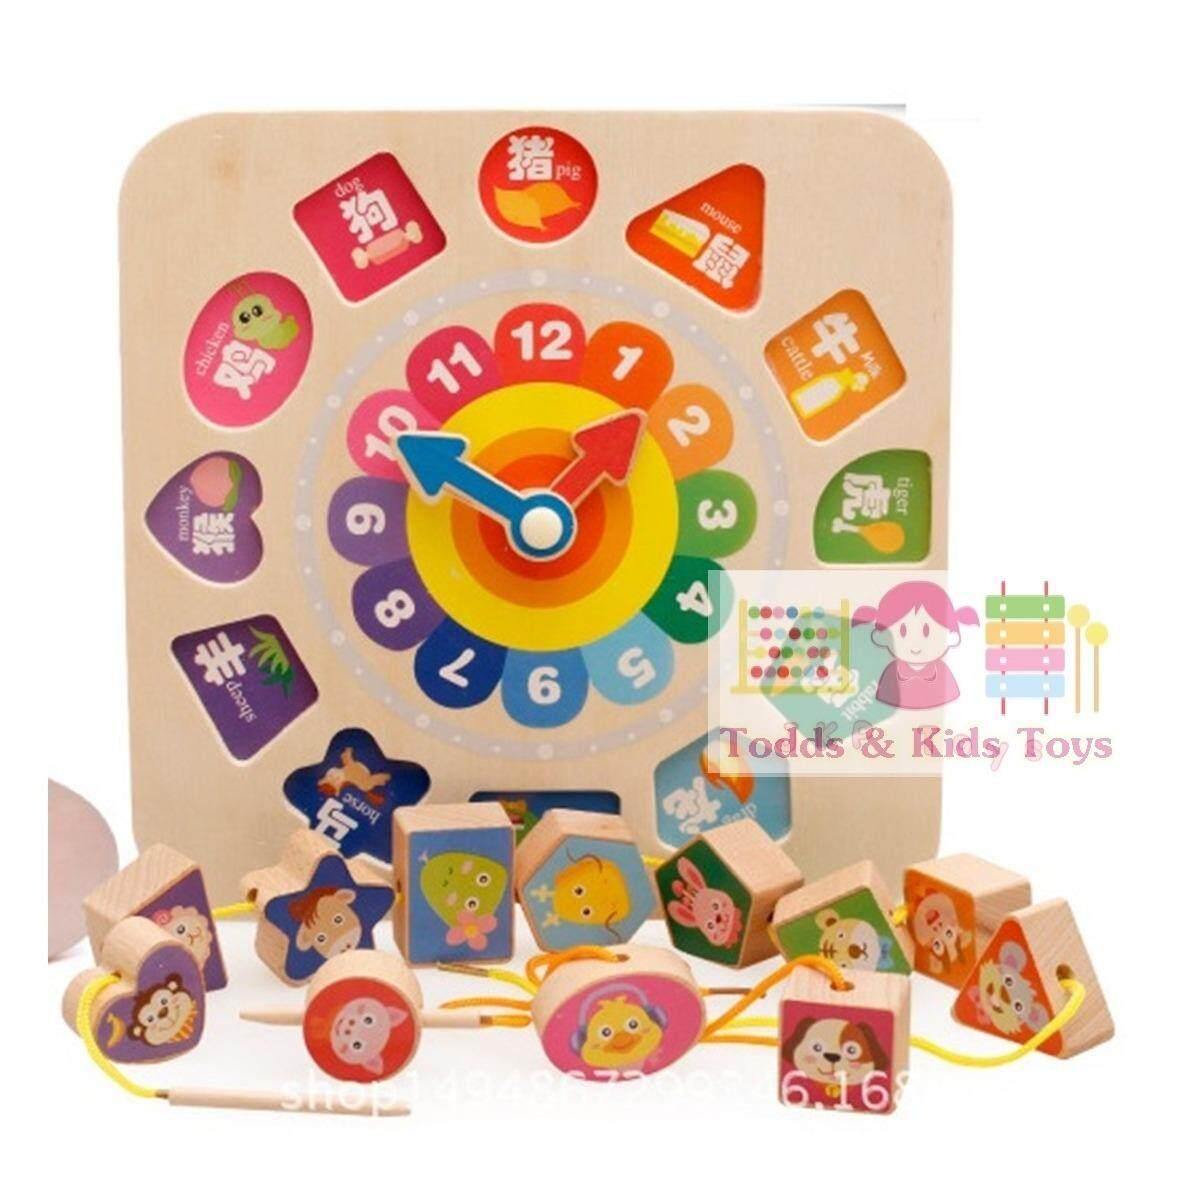 ขาย Todds Kids Toys 3 In 1 ร้อยเชือก จับคู่บล็อค นาฬิกาสอนเวลาเเละกิจวัตรประจำวัน Todds Kids Toys